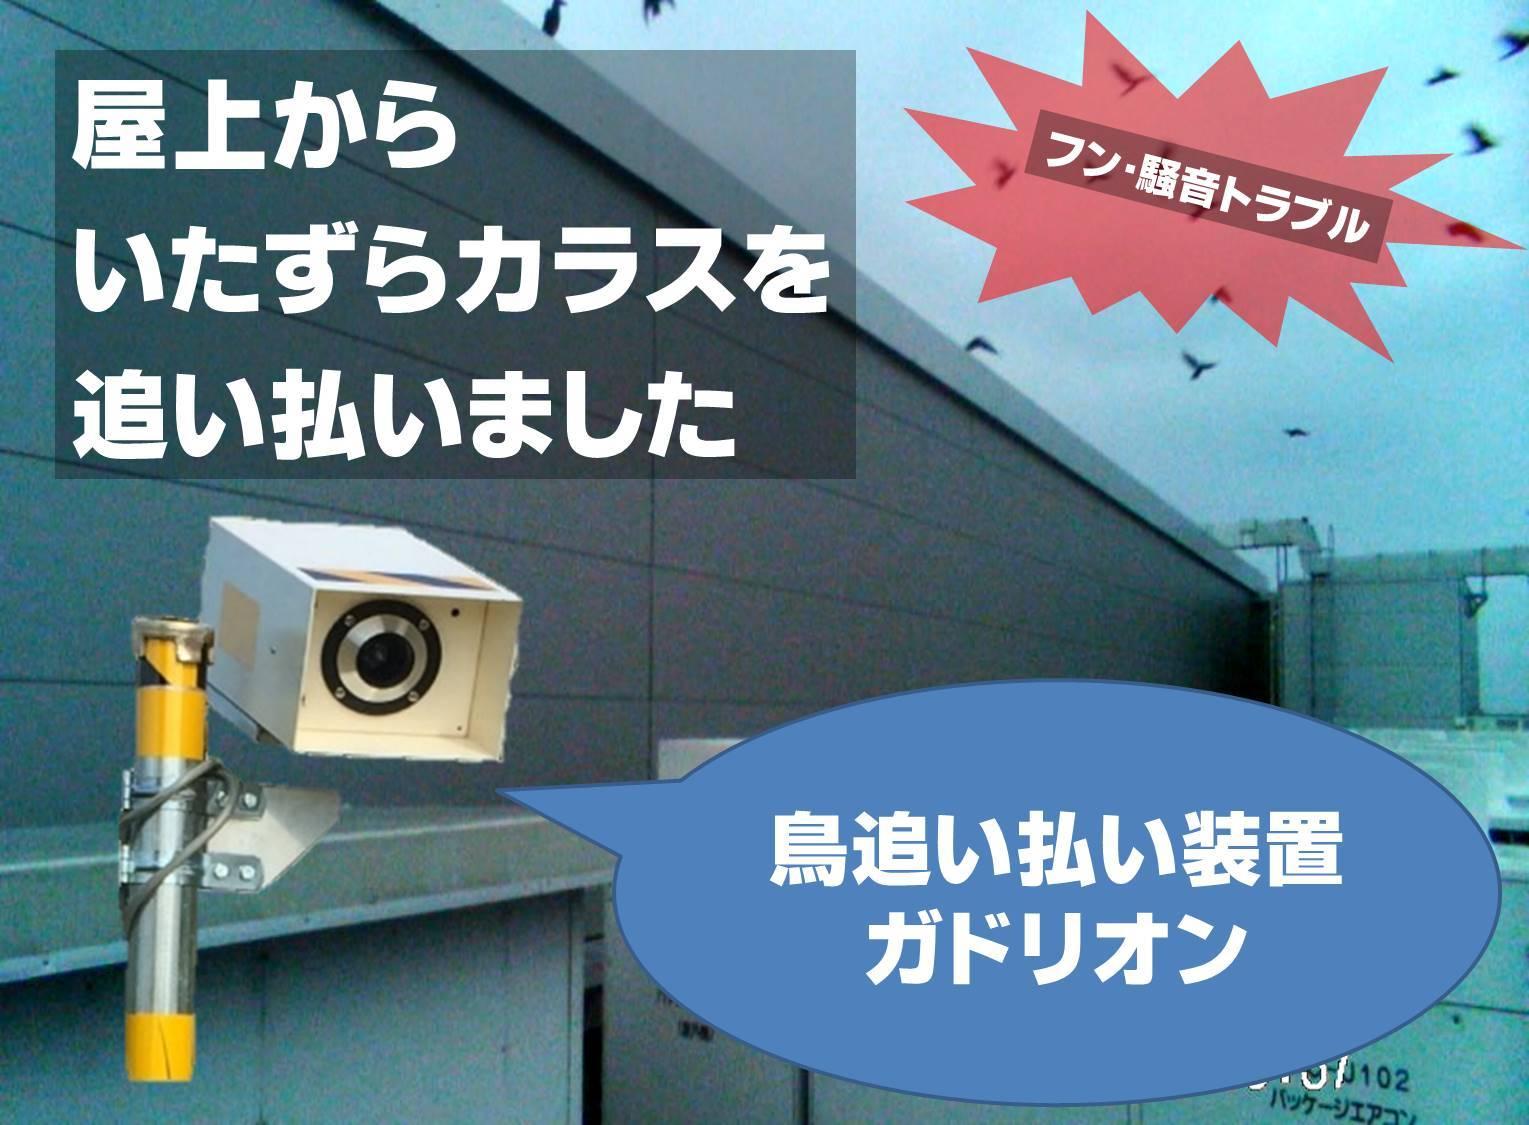 千葉県M市の屋上に集まるカラスの大群・・・音を聞かせた結果(動画あり)【鳥獣被害対策】_a0321697_15065814.jpg